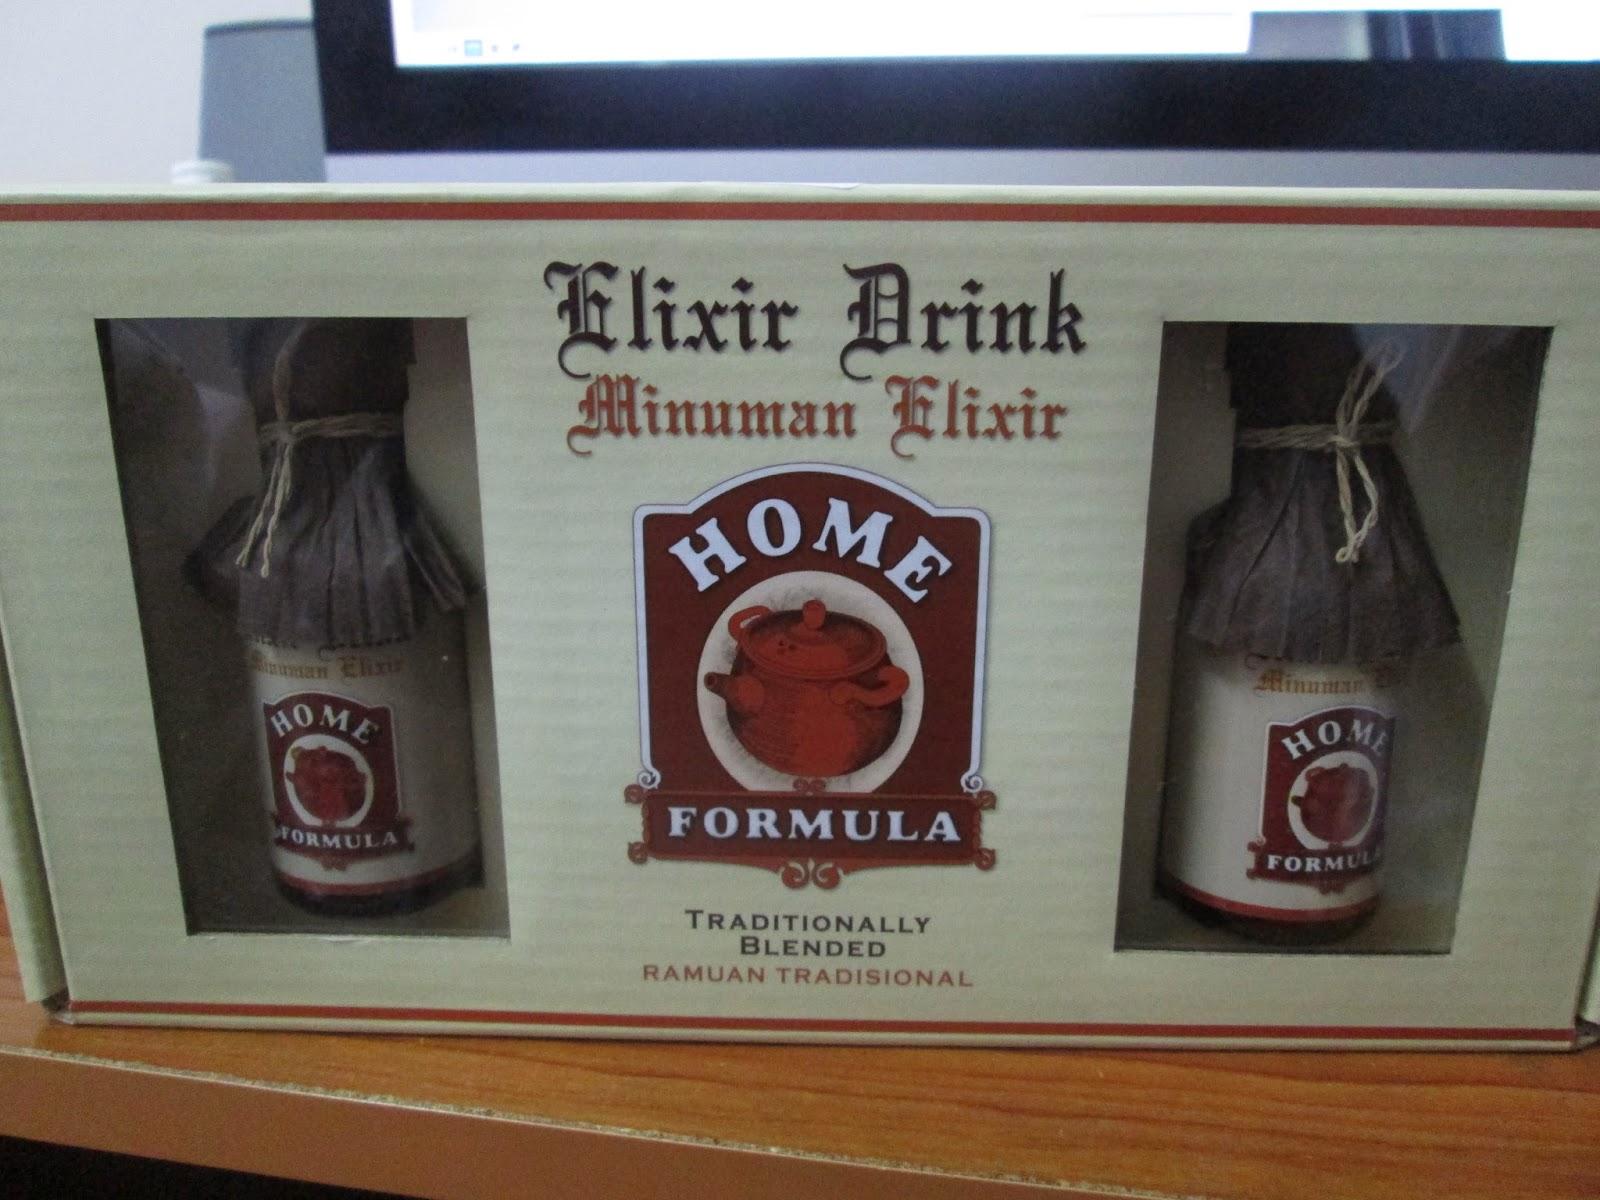 Elixir Drink Home Formula